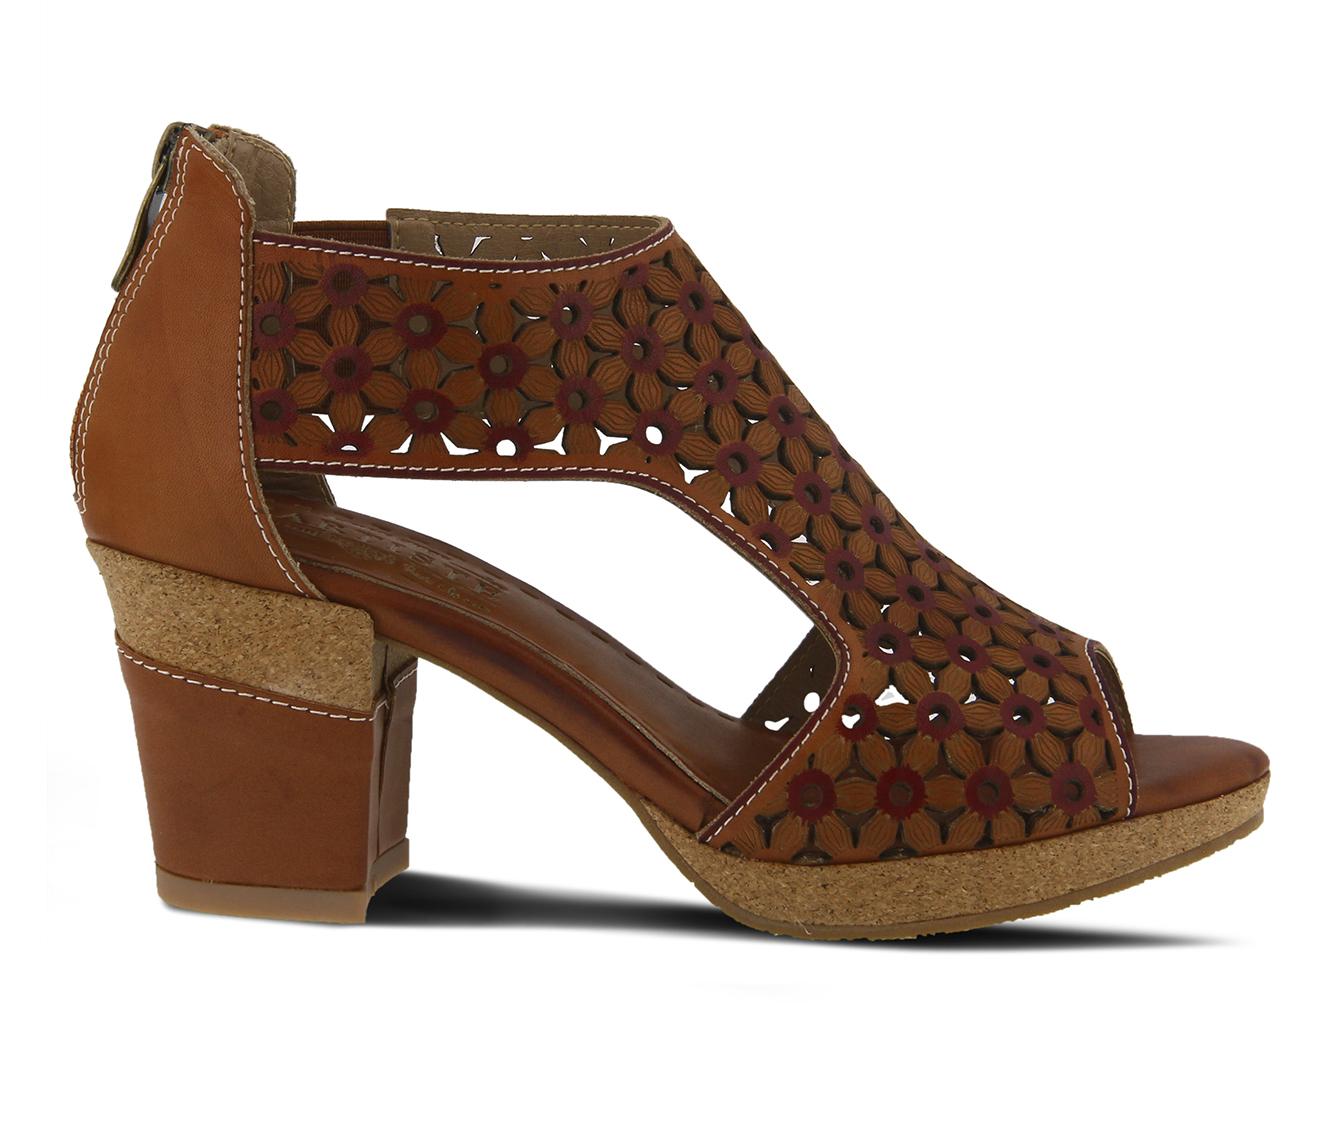 L'Artiste Hibiskus Women's Dress Shoe (Beige Leather)